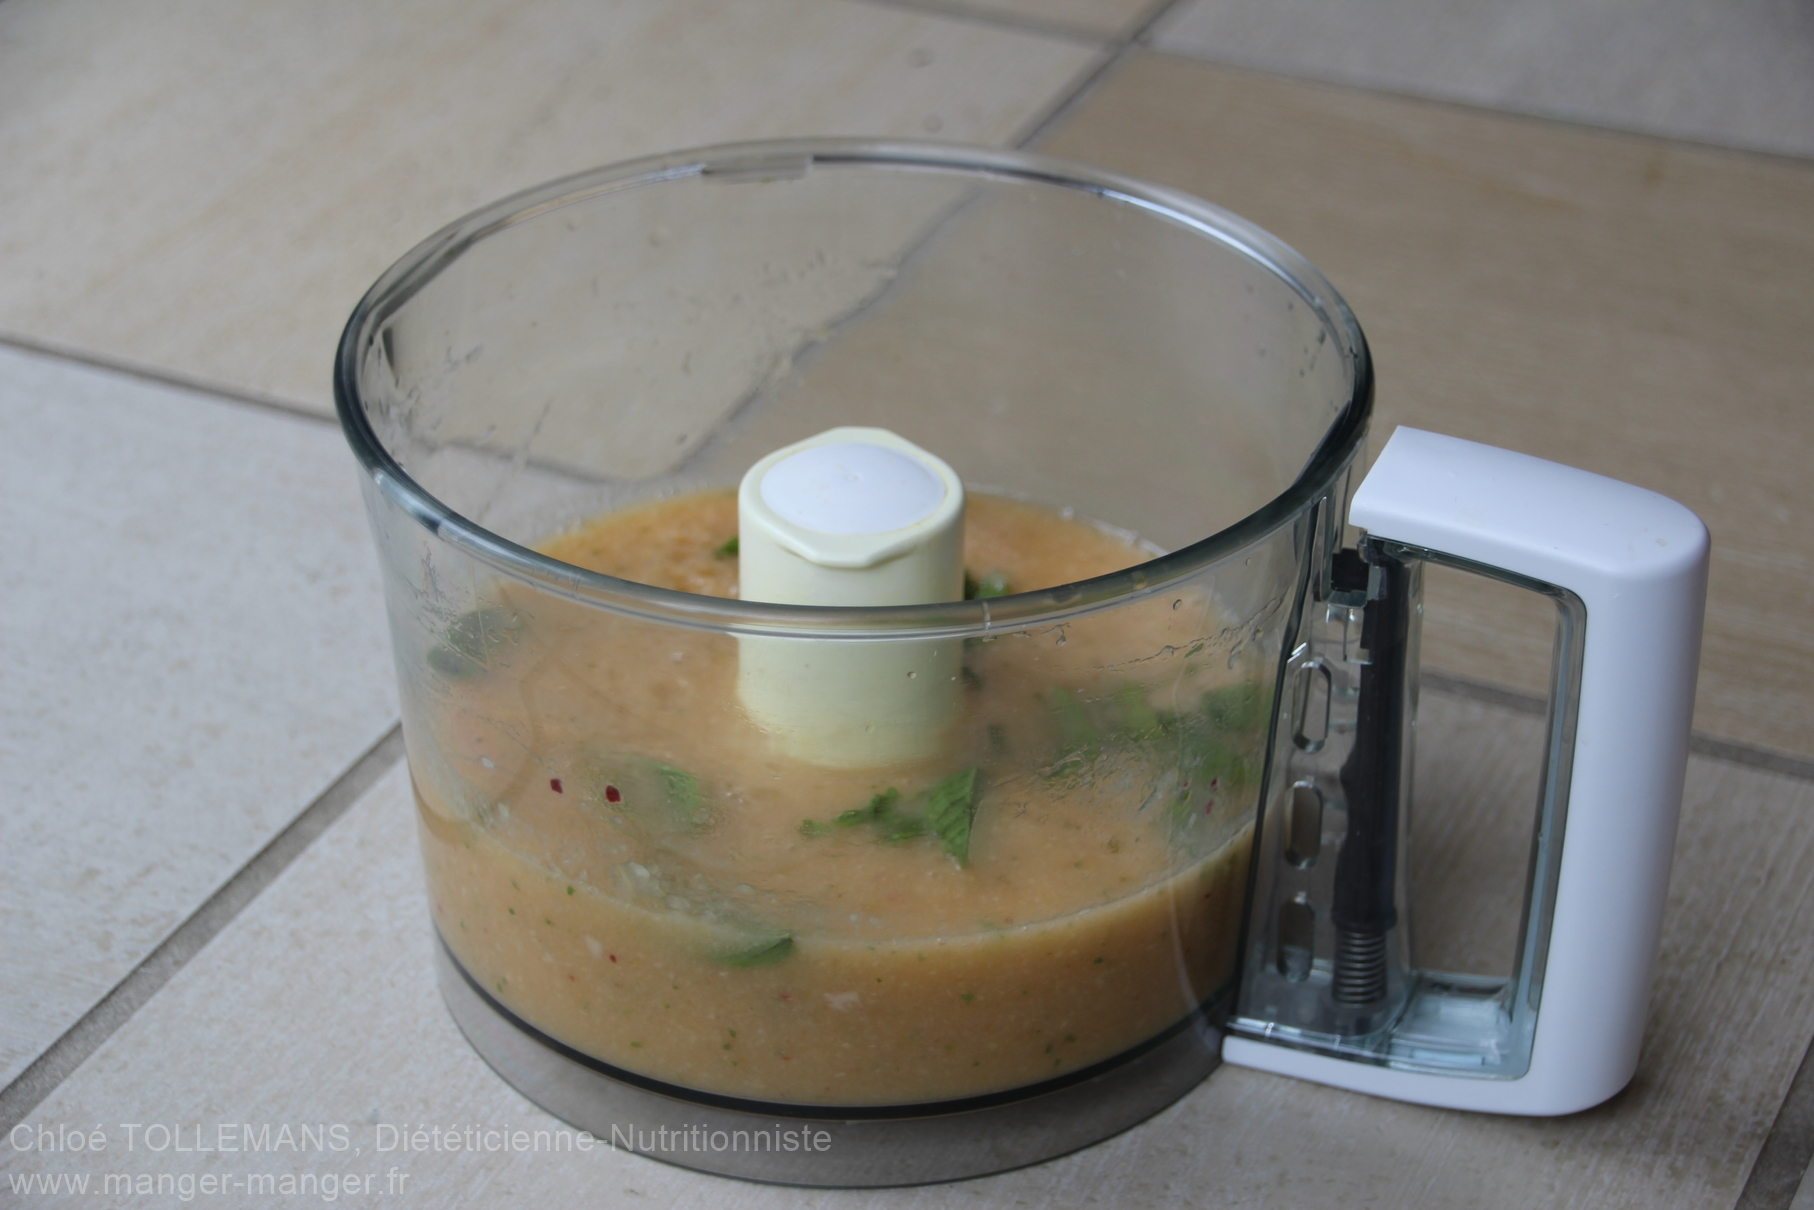 Dieteticienne Toulouse - Glace eau peches